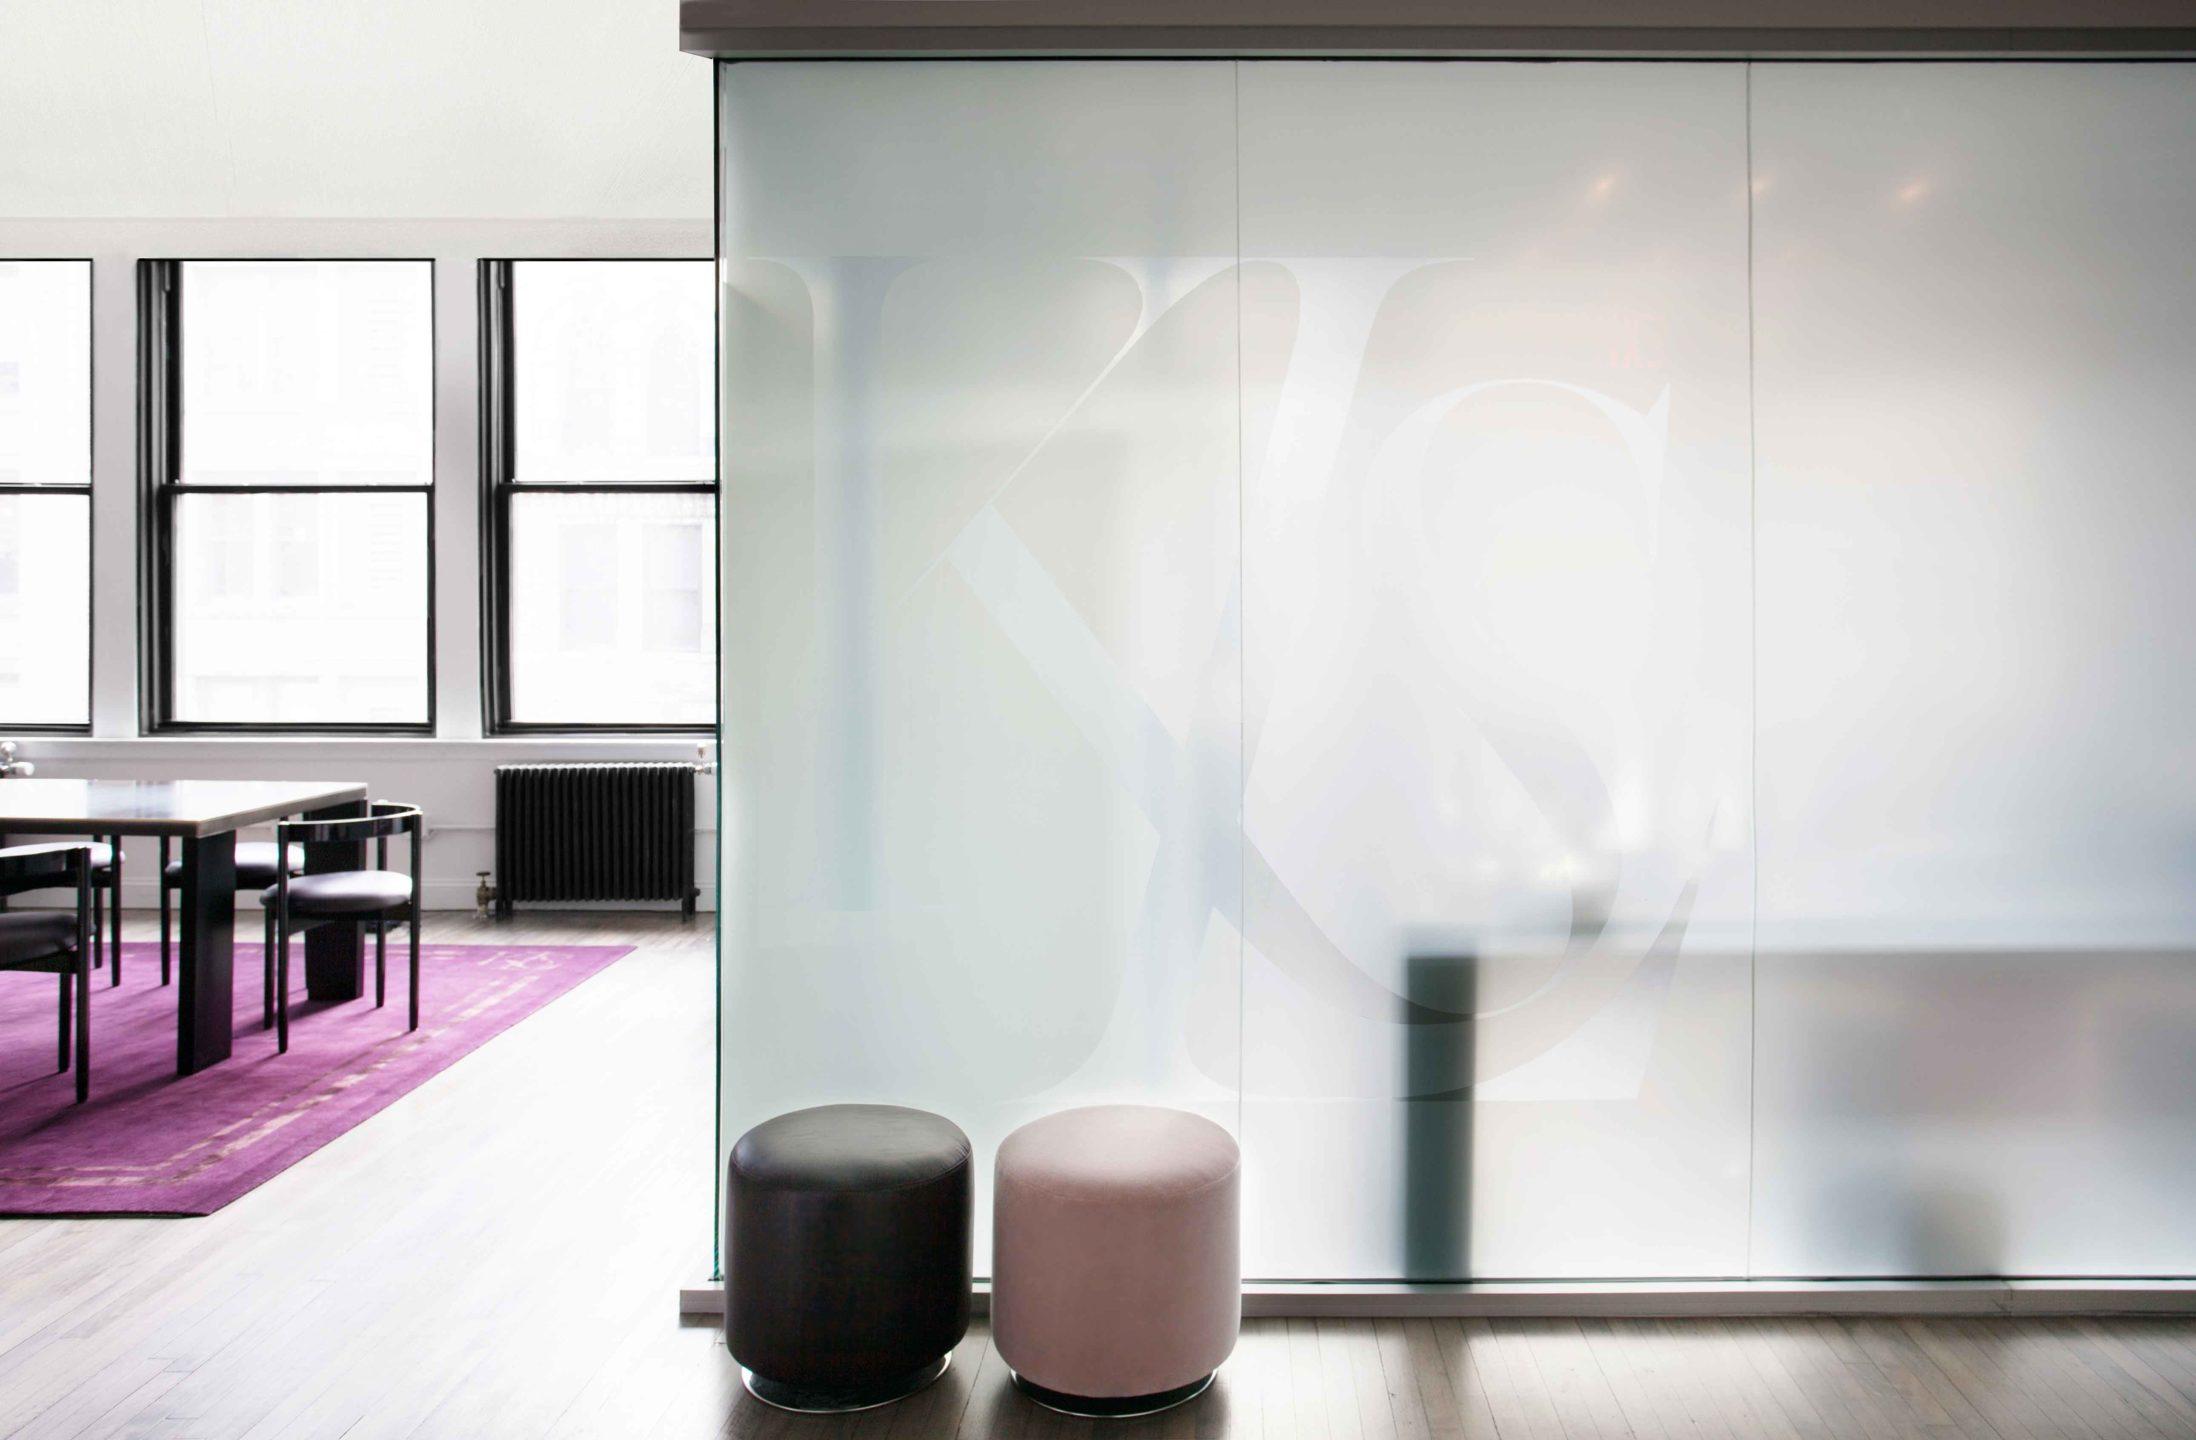 Nicole-Fuller-KLS-Kimora-Lee-Simmons-offices-new-york-interior-designer-13